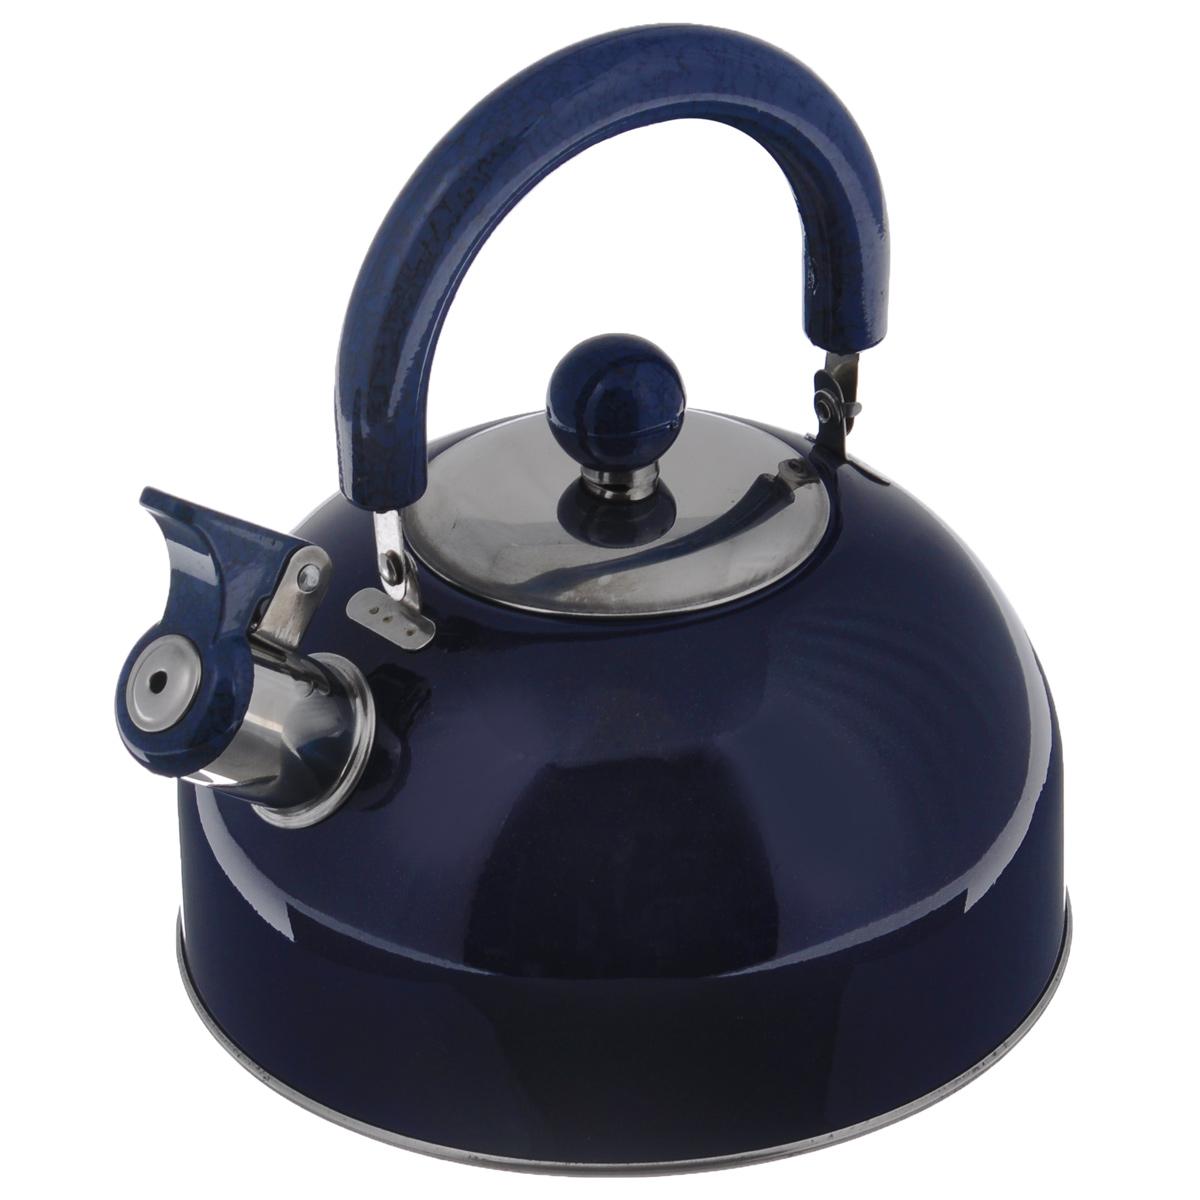 Чайник Mayer & Boch Modern со свистком, цвет: синий, 2 л. МВ-3226МВ-3226Чайник Mayer & Boch Modern изготовлен из высококачественной нержавеющей стали. Гладкая и ровная поверхность существенно облегчает уход. Чайник оснащен удобной нейлоновой ручкой, которая не нагревается даже при продолжительном периоде нагрева воды. Носик чайника имеет насадку-свисток, что позволит вам контролировать процесс подогрева или кипячения воды. Выполненный из качественных материалов чайник Mayer & Boch Modern при кипячении сохраняет все полезные свойства воды. Чайник пригоден для использования на всех типах плит, кроме индукционных. Можно мыть в посудомоечной машине.Диаметр чайника по верхнему краю: 8,5 см.Диаметр основания: 19 см.Высота чайника (без учета ручки и крышки): 10 см.УВАЖАЕМЫЕ КЛИЕНТЫ!Обращаем ваше внимание на тот факт, что указан максимальный объем чайника с учетом полного наполнения до кромки. Объем чайника с учетом наполнения до уровня носика составляет 1,5 литра.